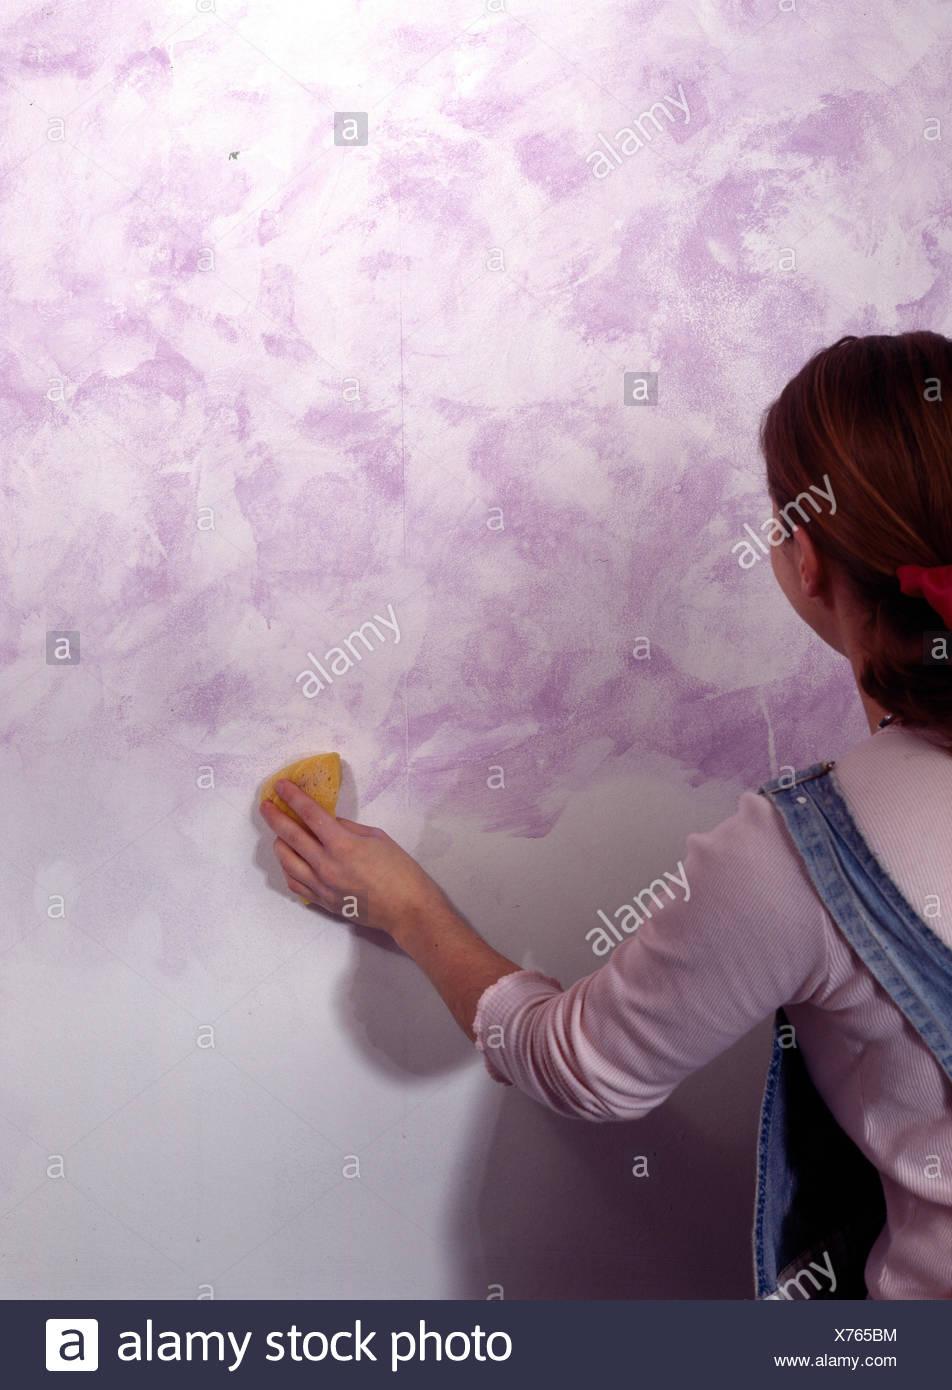 Peinture À L Éponge Sur Mur l'éponge femme peindre un mur banque d'images, photo stock